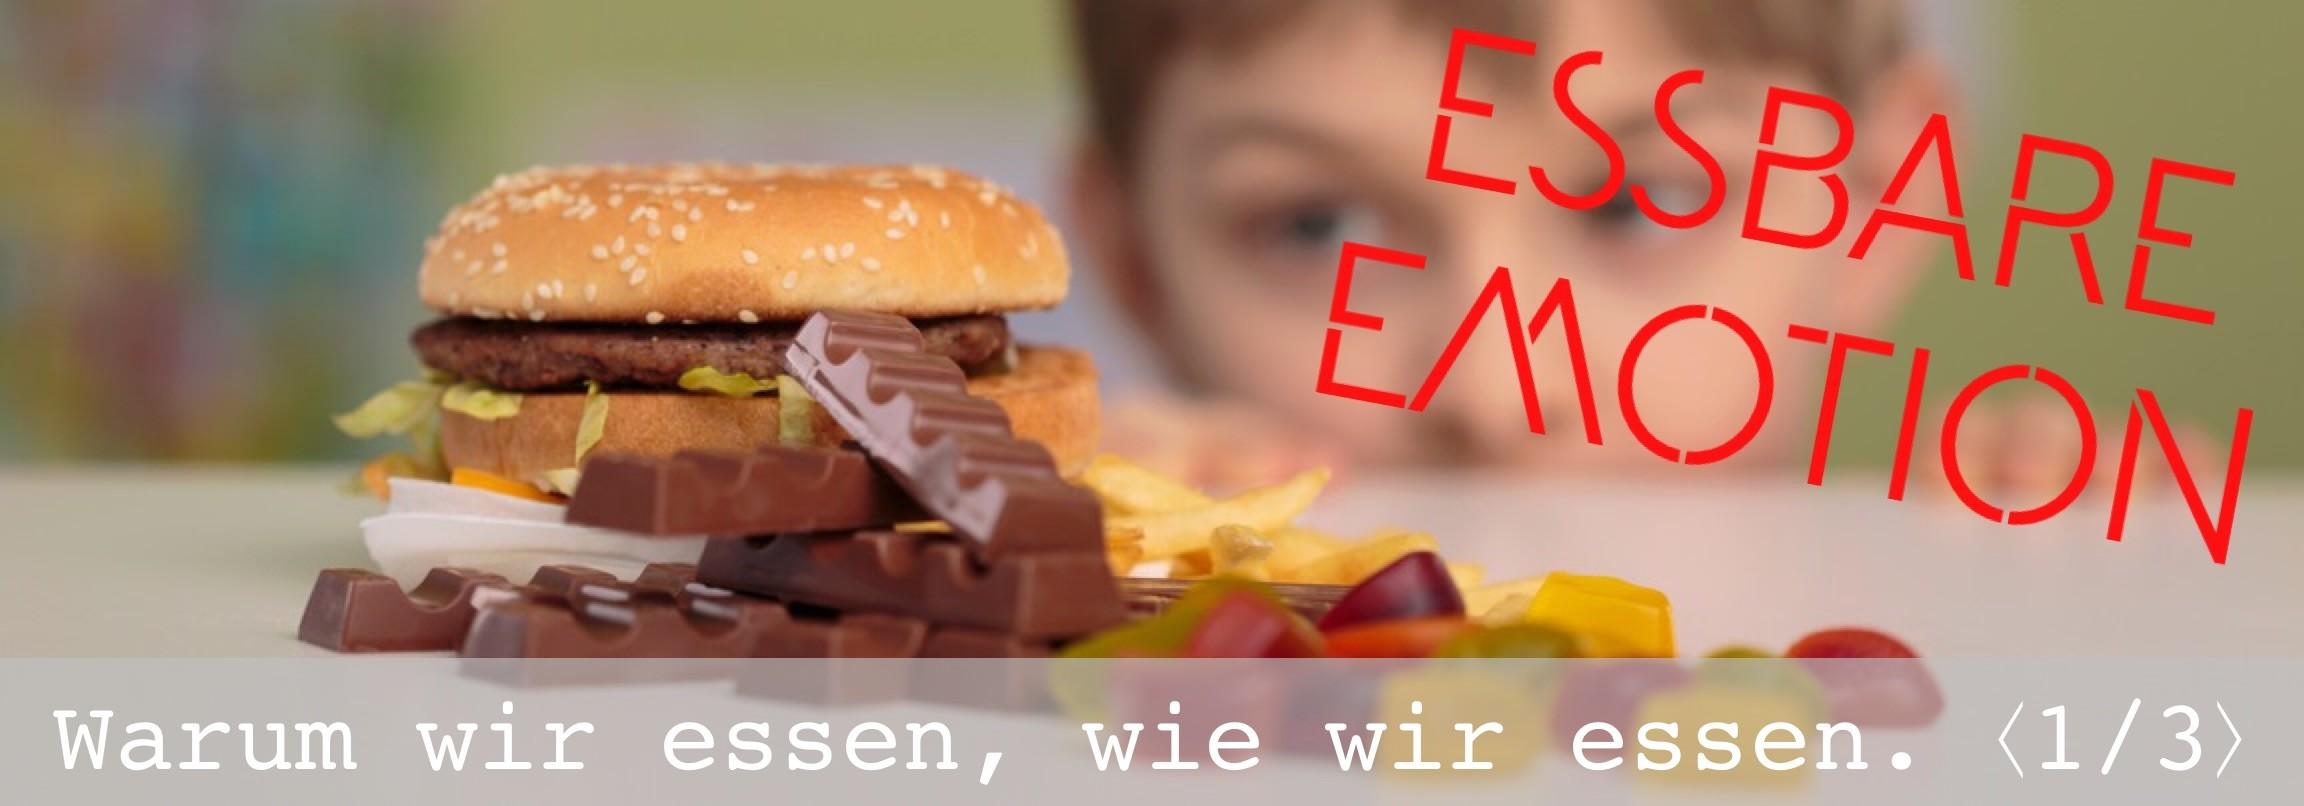 Ernährung 1/3 – Warum wir essen, wie wir essen.